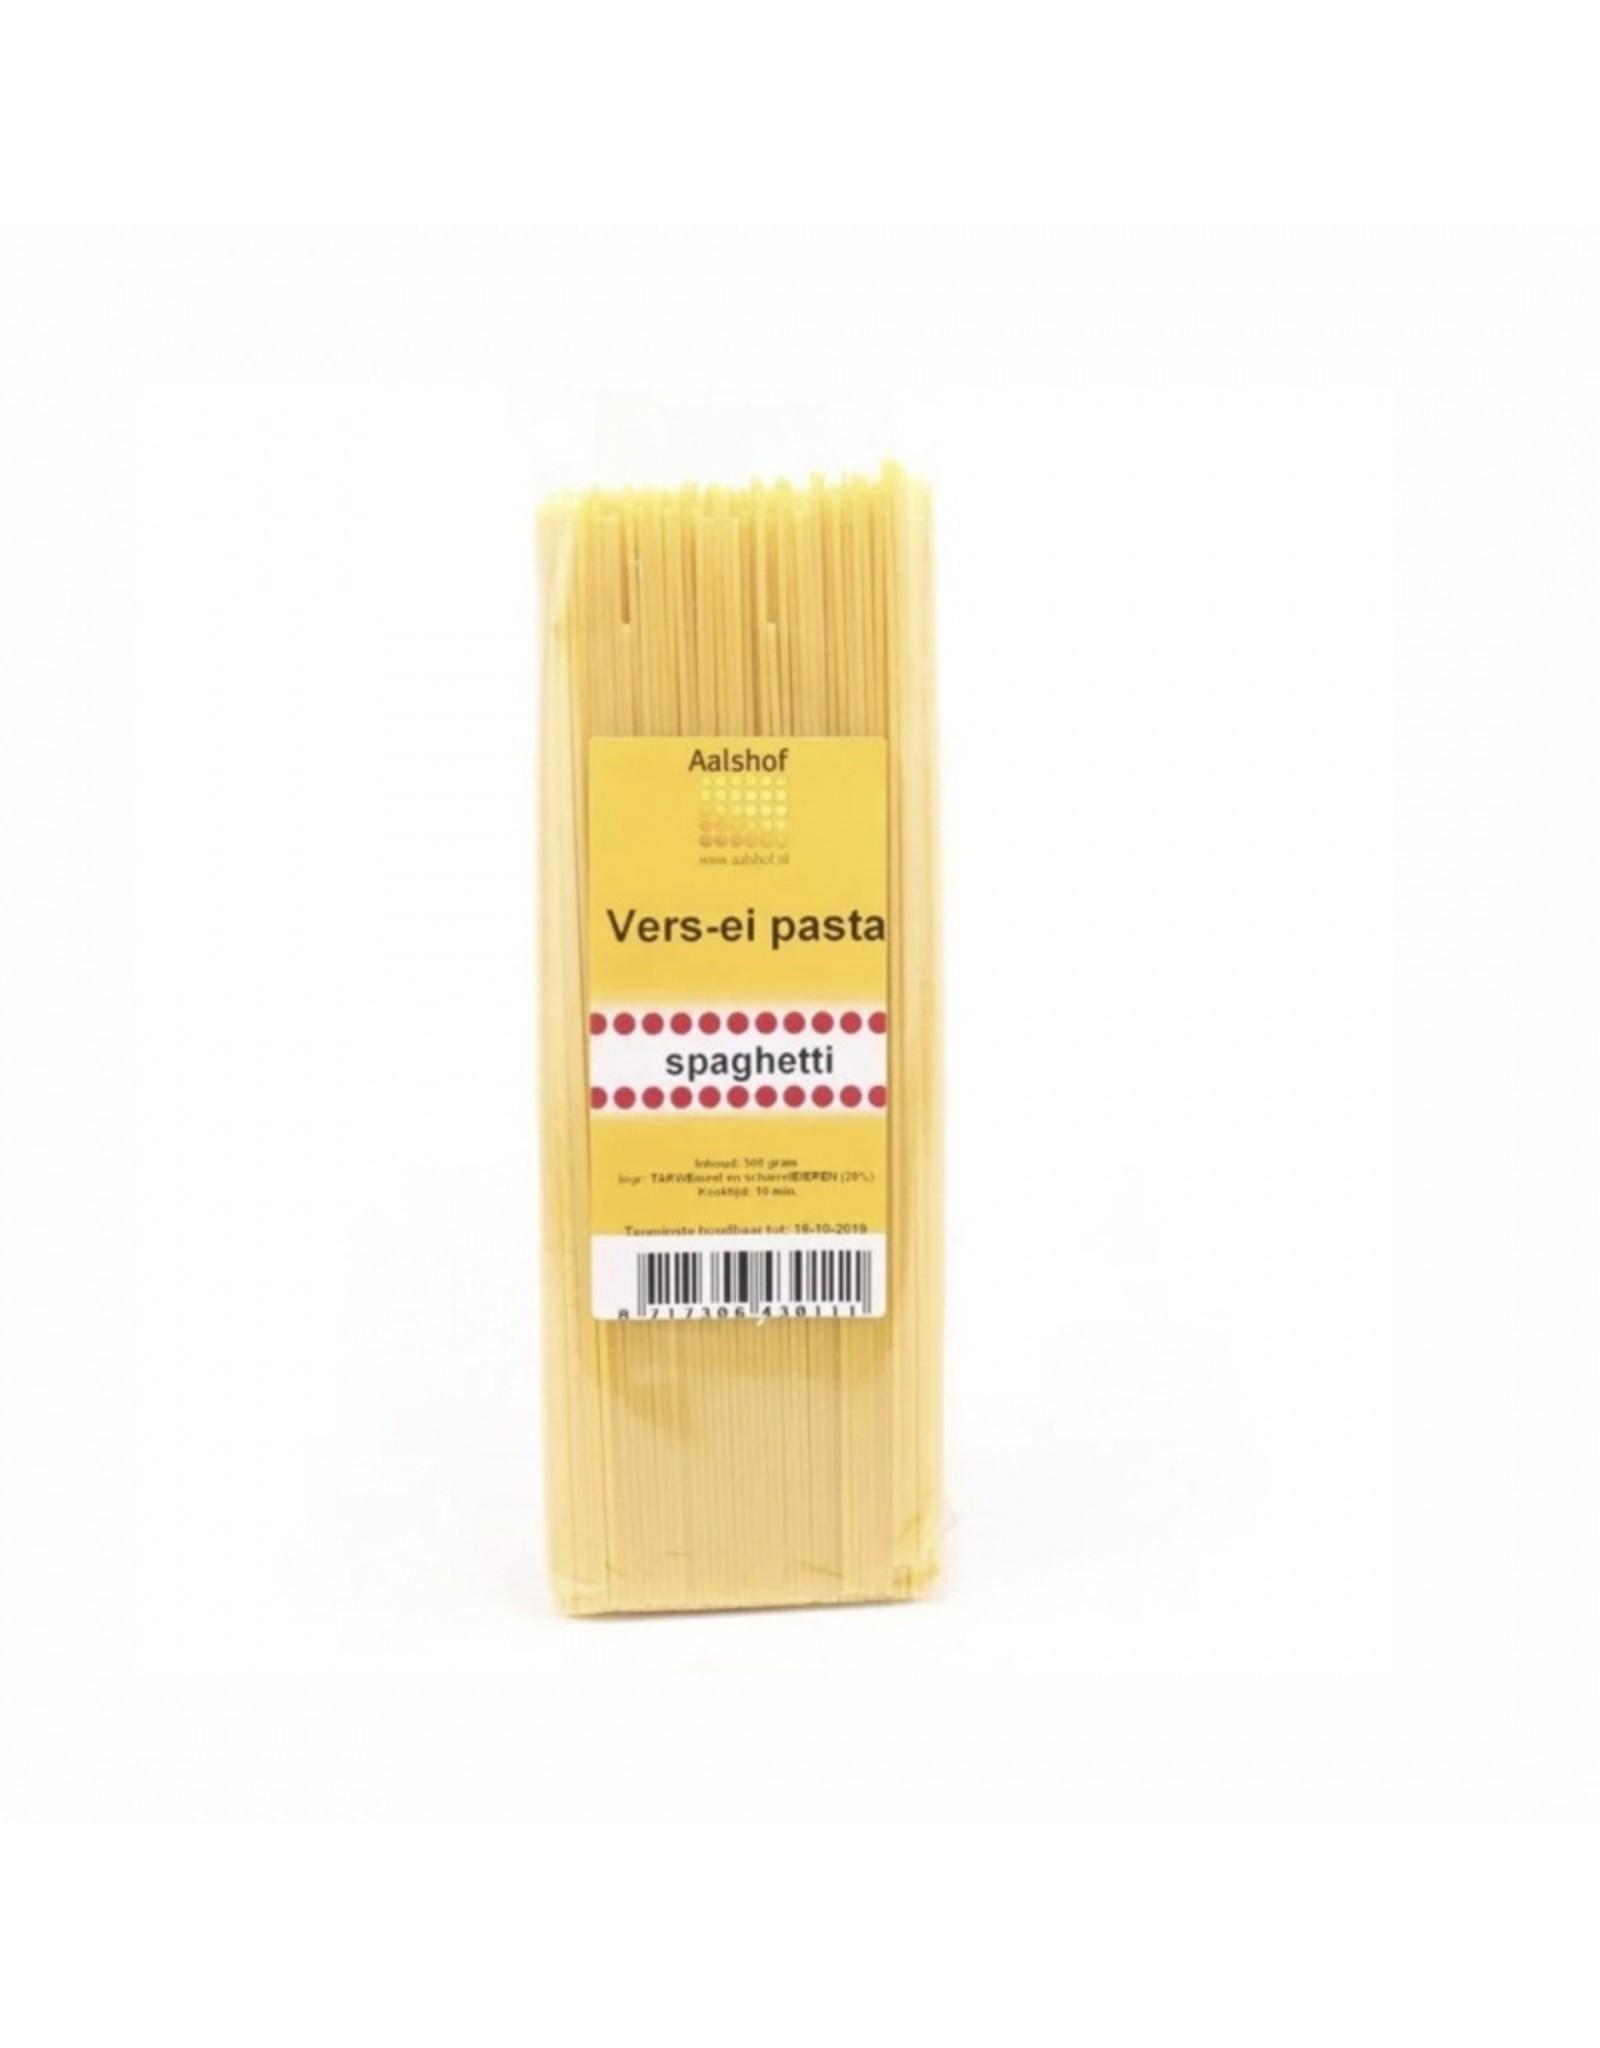 Aalshof Vers-ei pasta spaghetti 500 gr